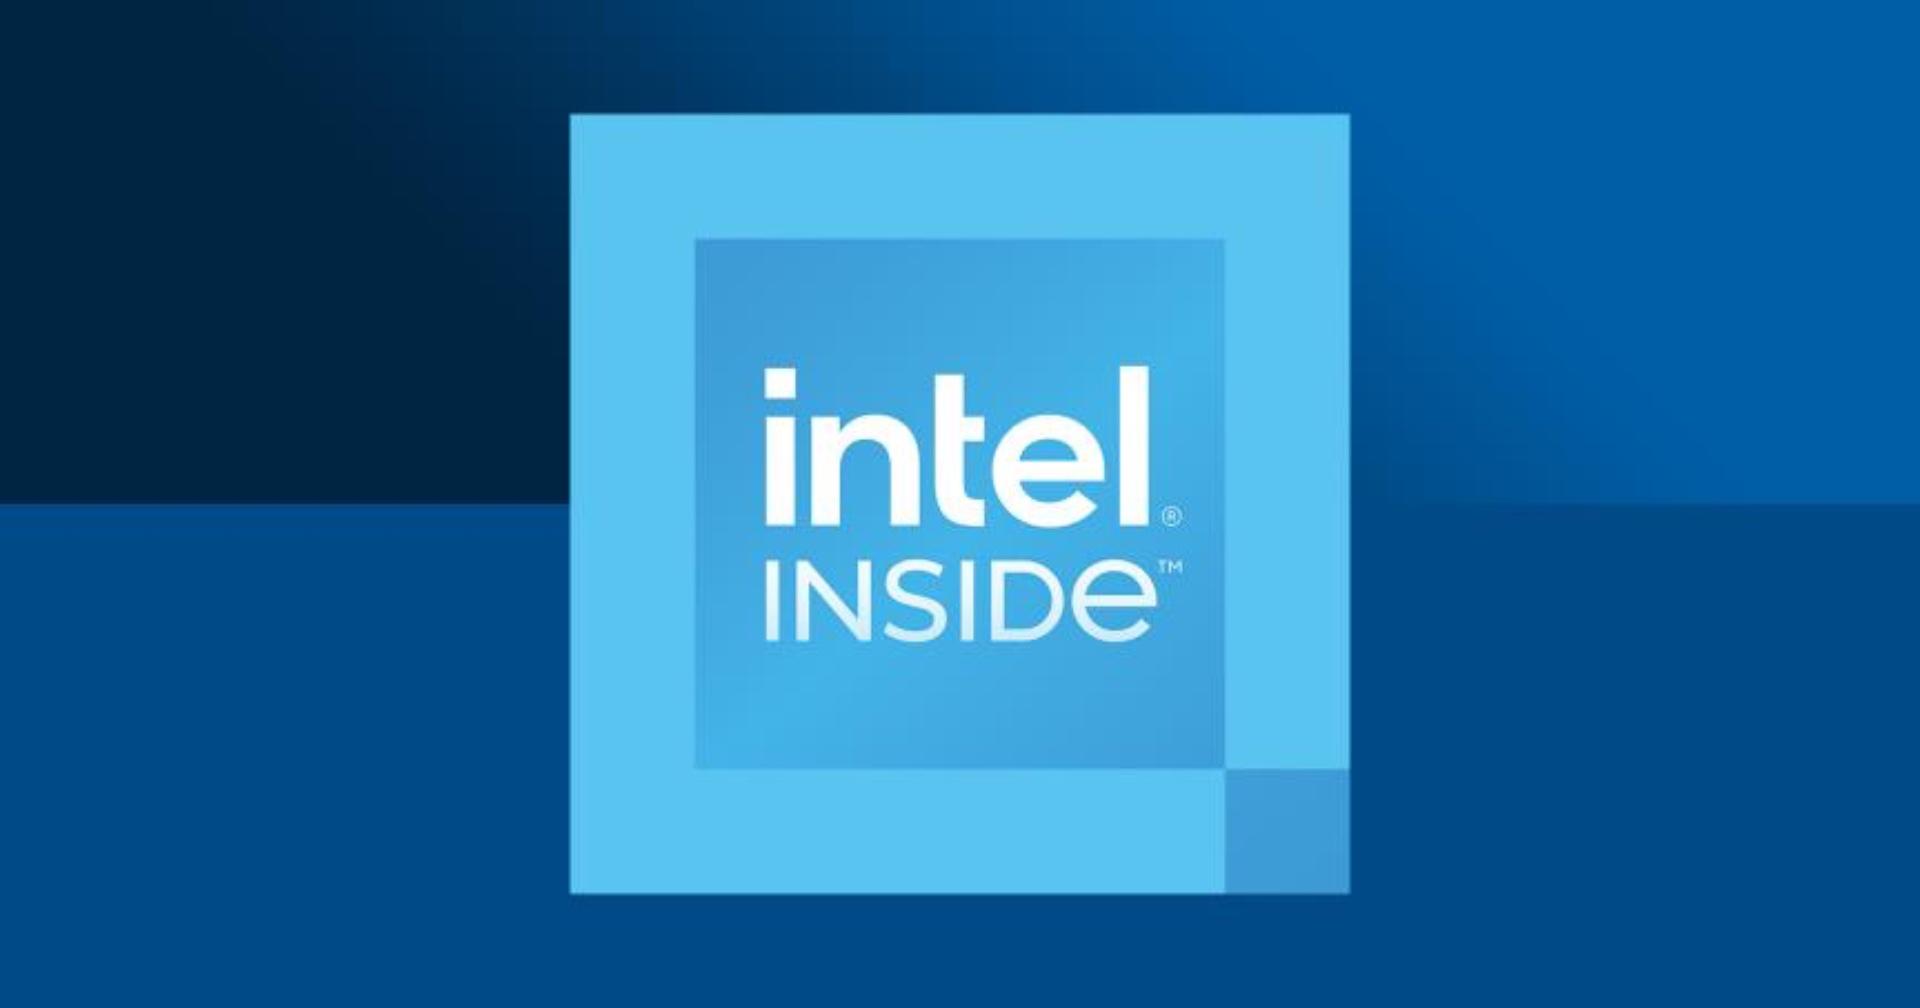 Intel-เตรียมผลิตชิปส่งอุตสาหกรรมรถยนต์ที่กำลังขาดแคลนอย่างหนัก